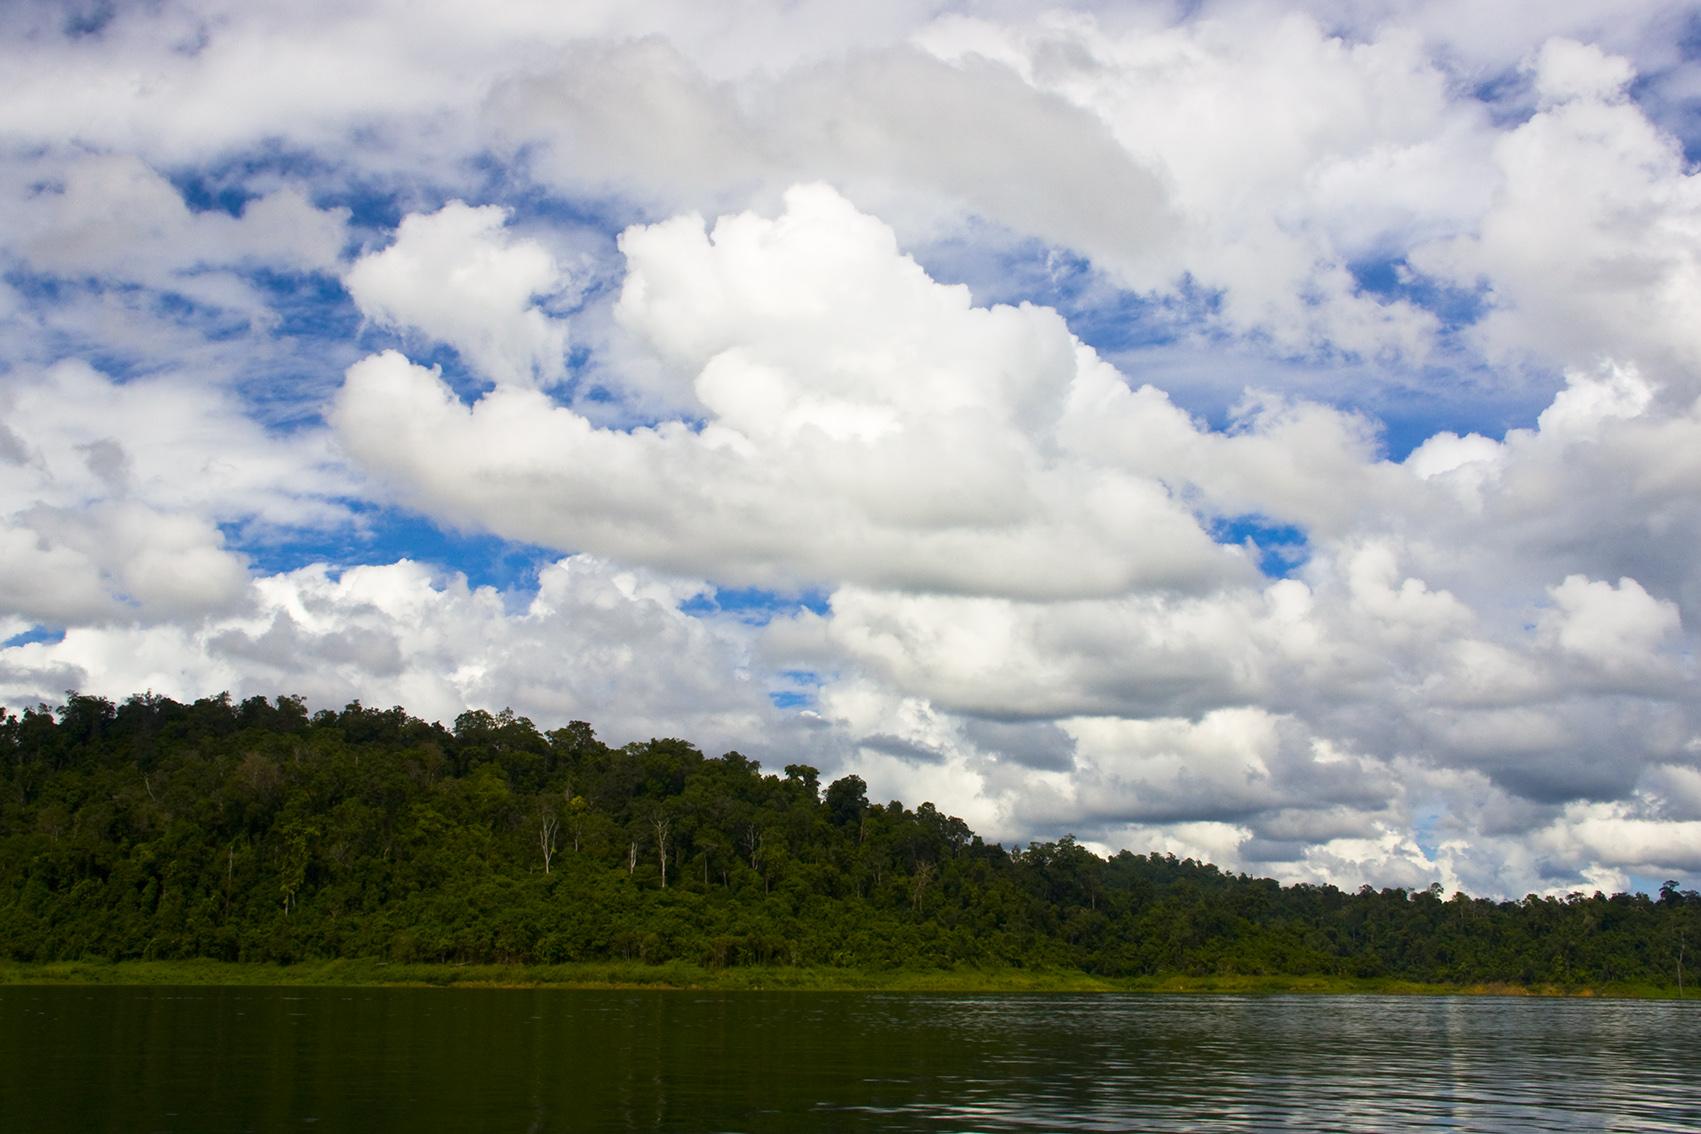 Райское небо. Блиц: небо